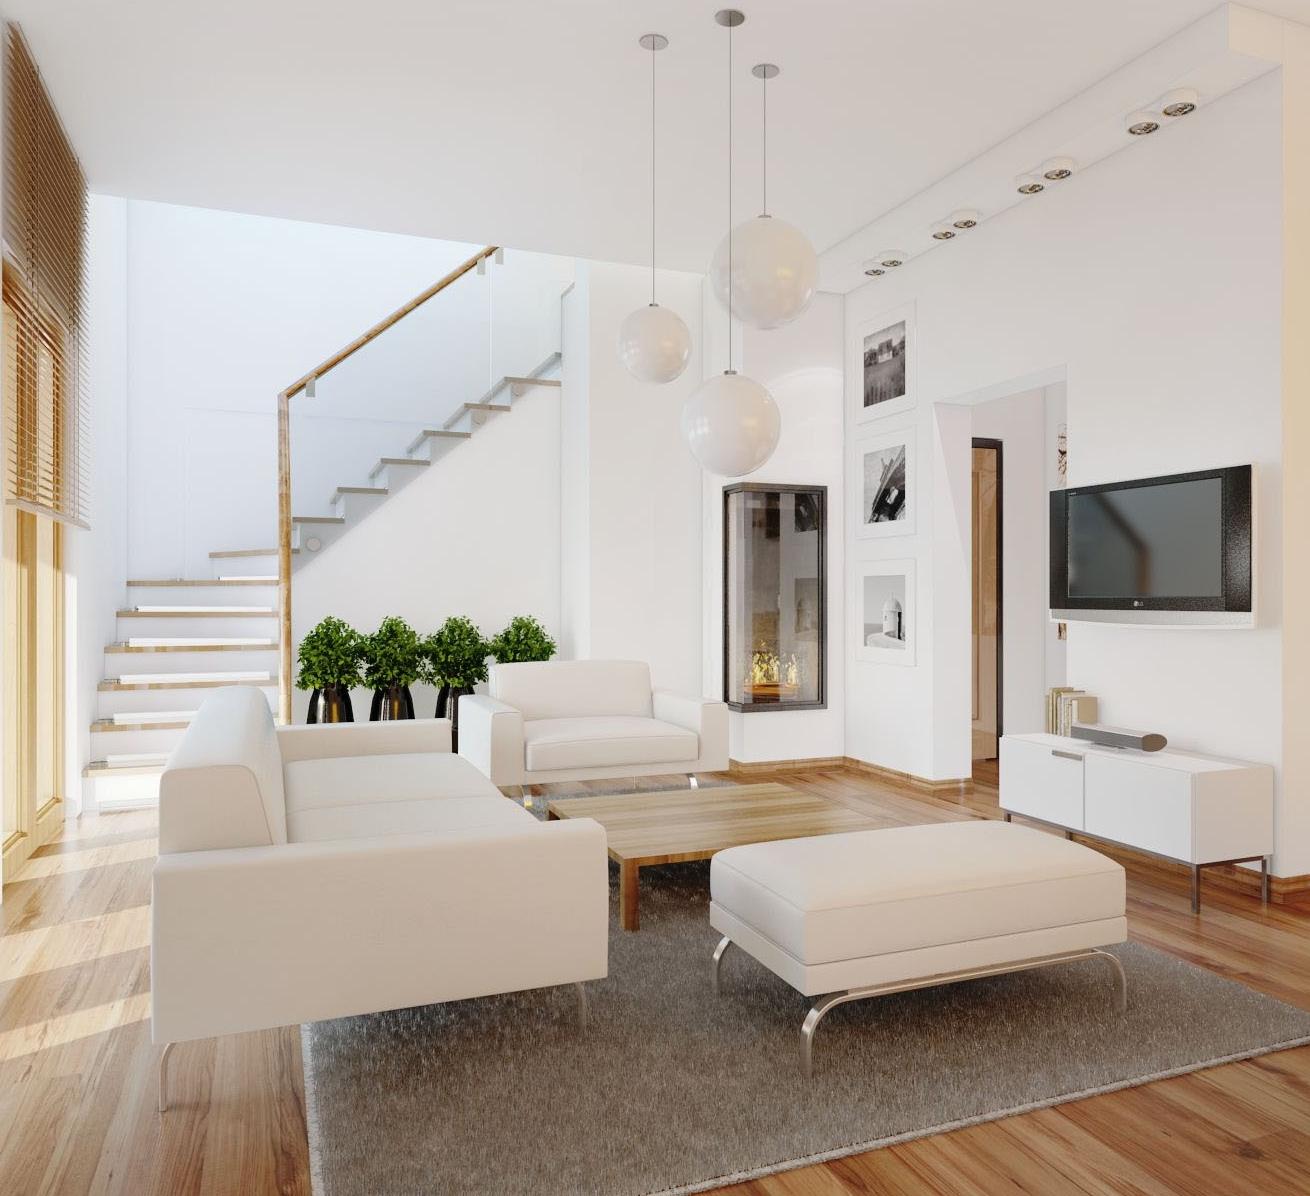 living_room_image.jpg